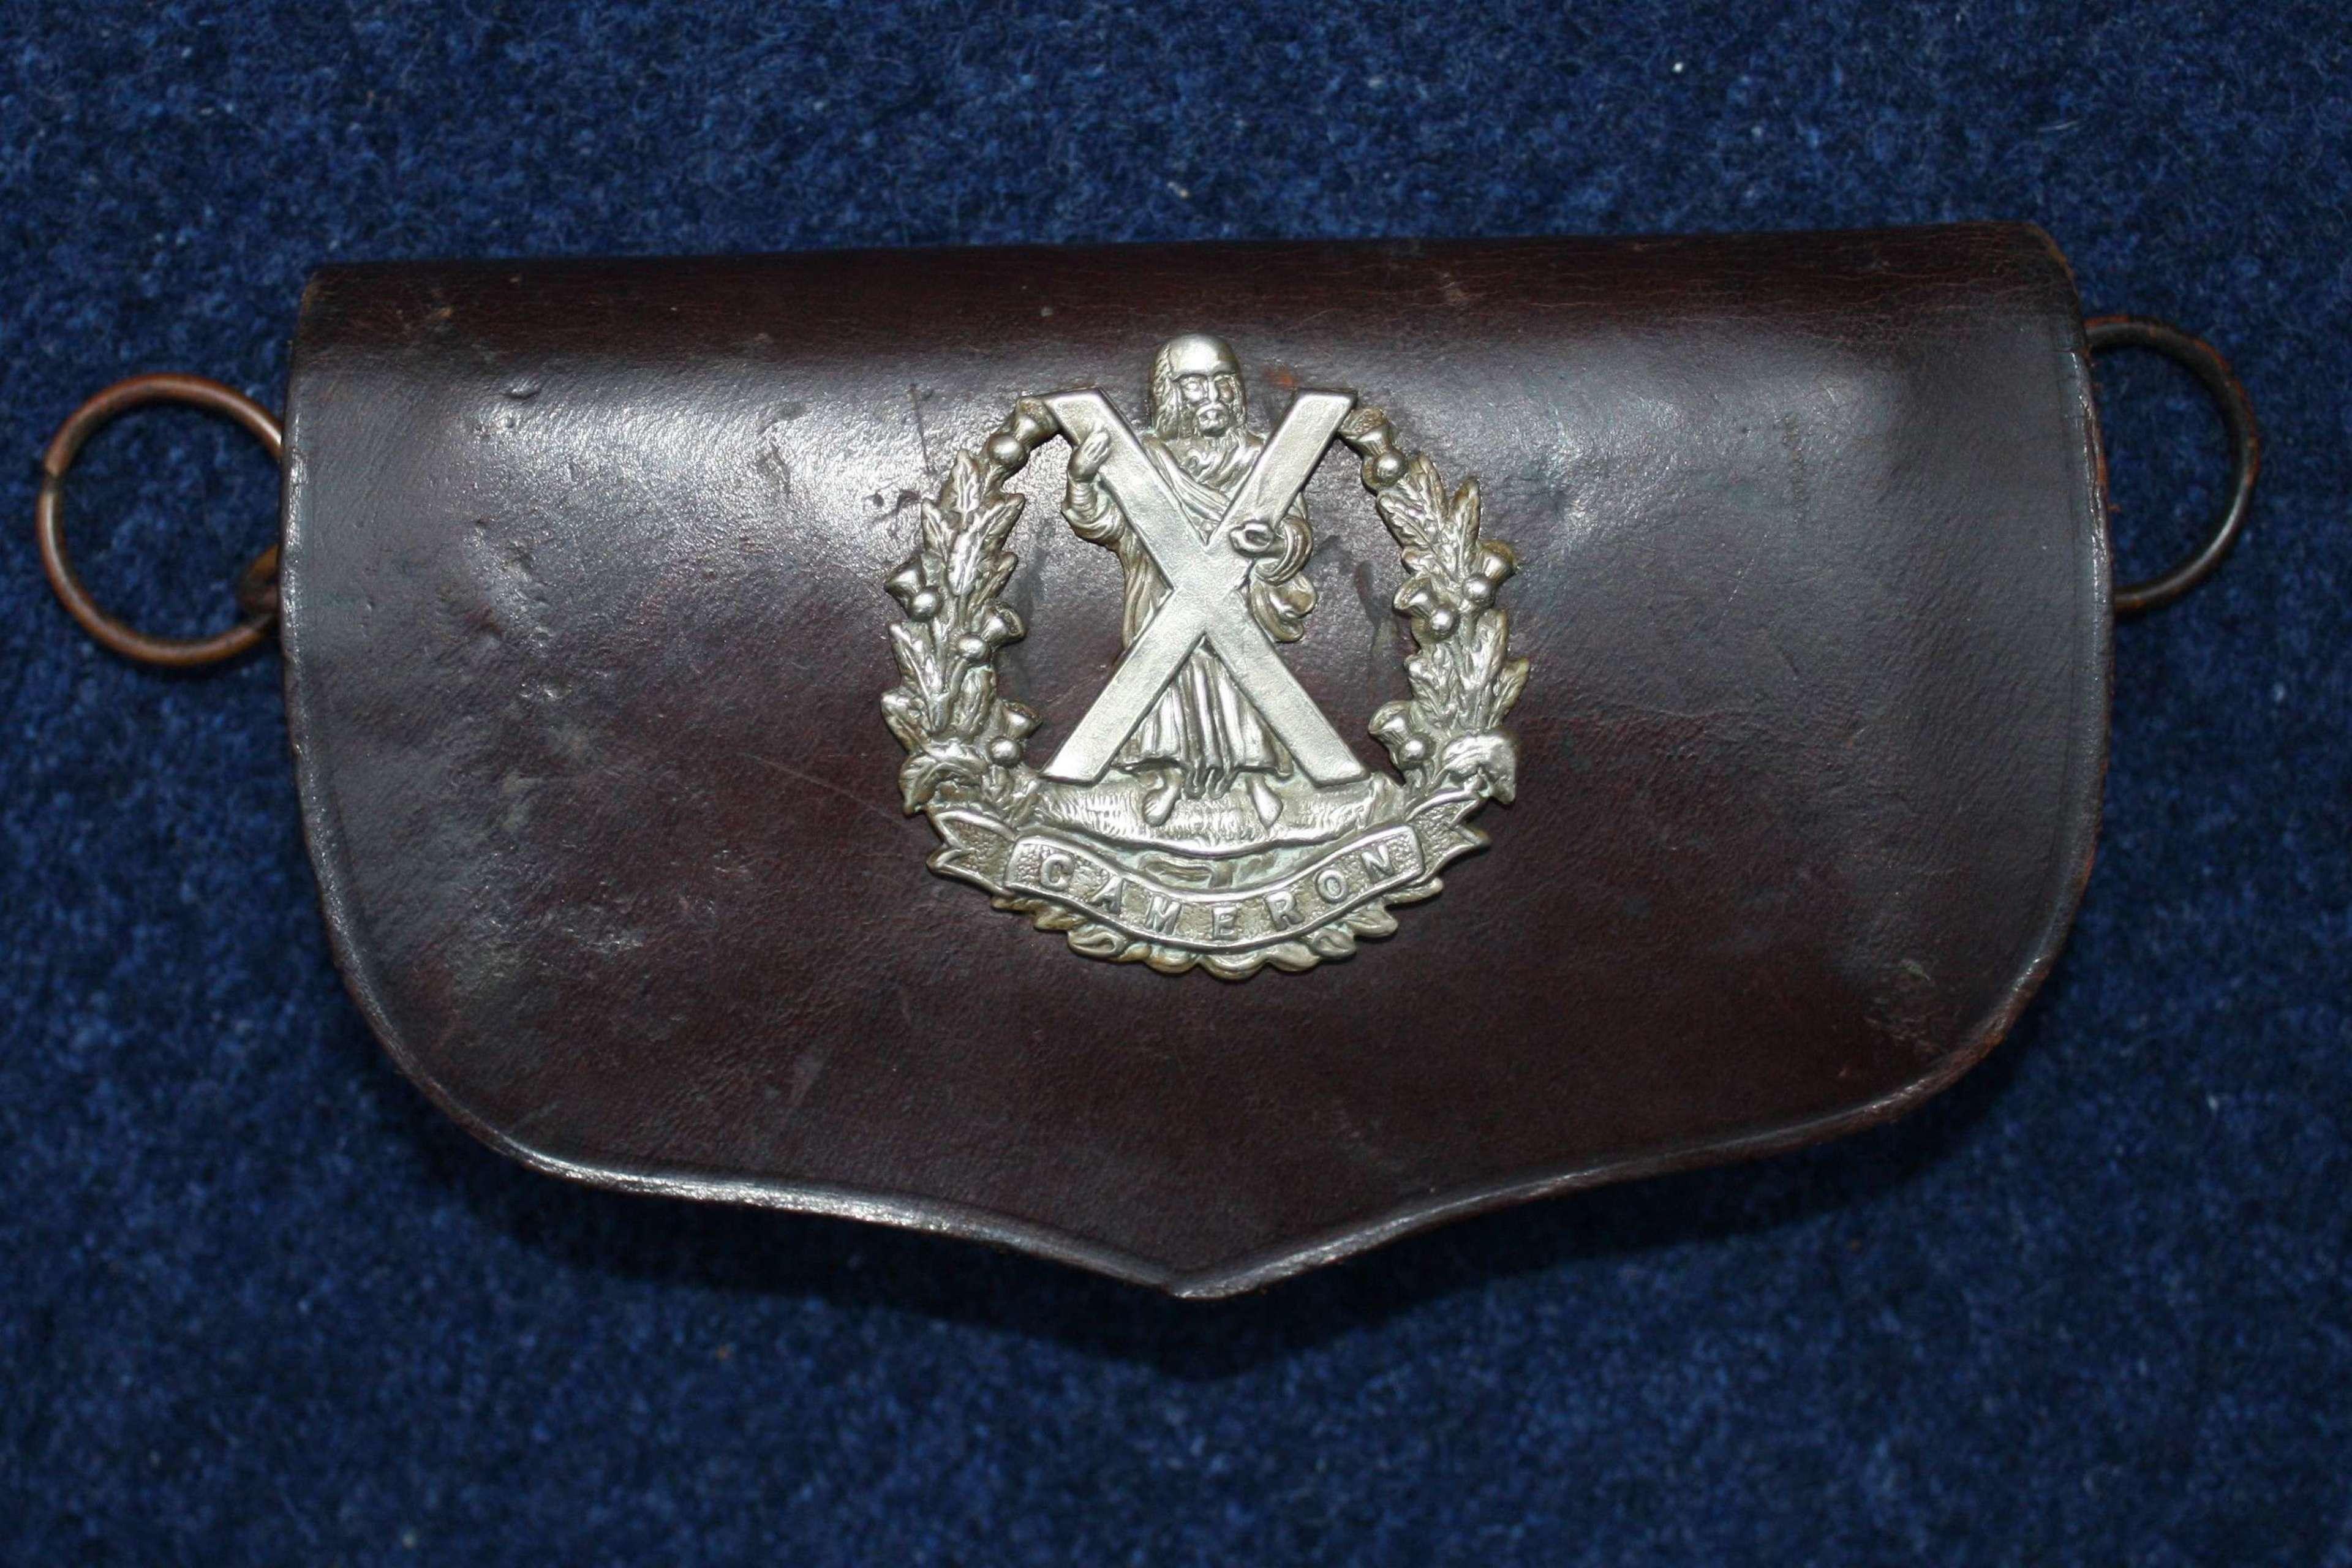 Boer War / WW1 era Cameron Highlanders Cross Belt Ammo Pouch